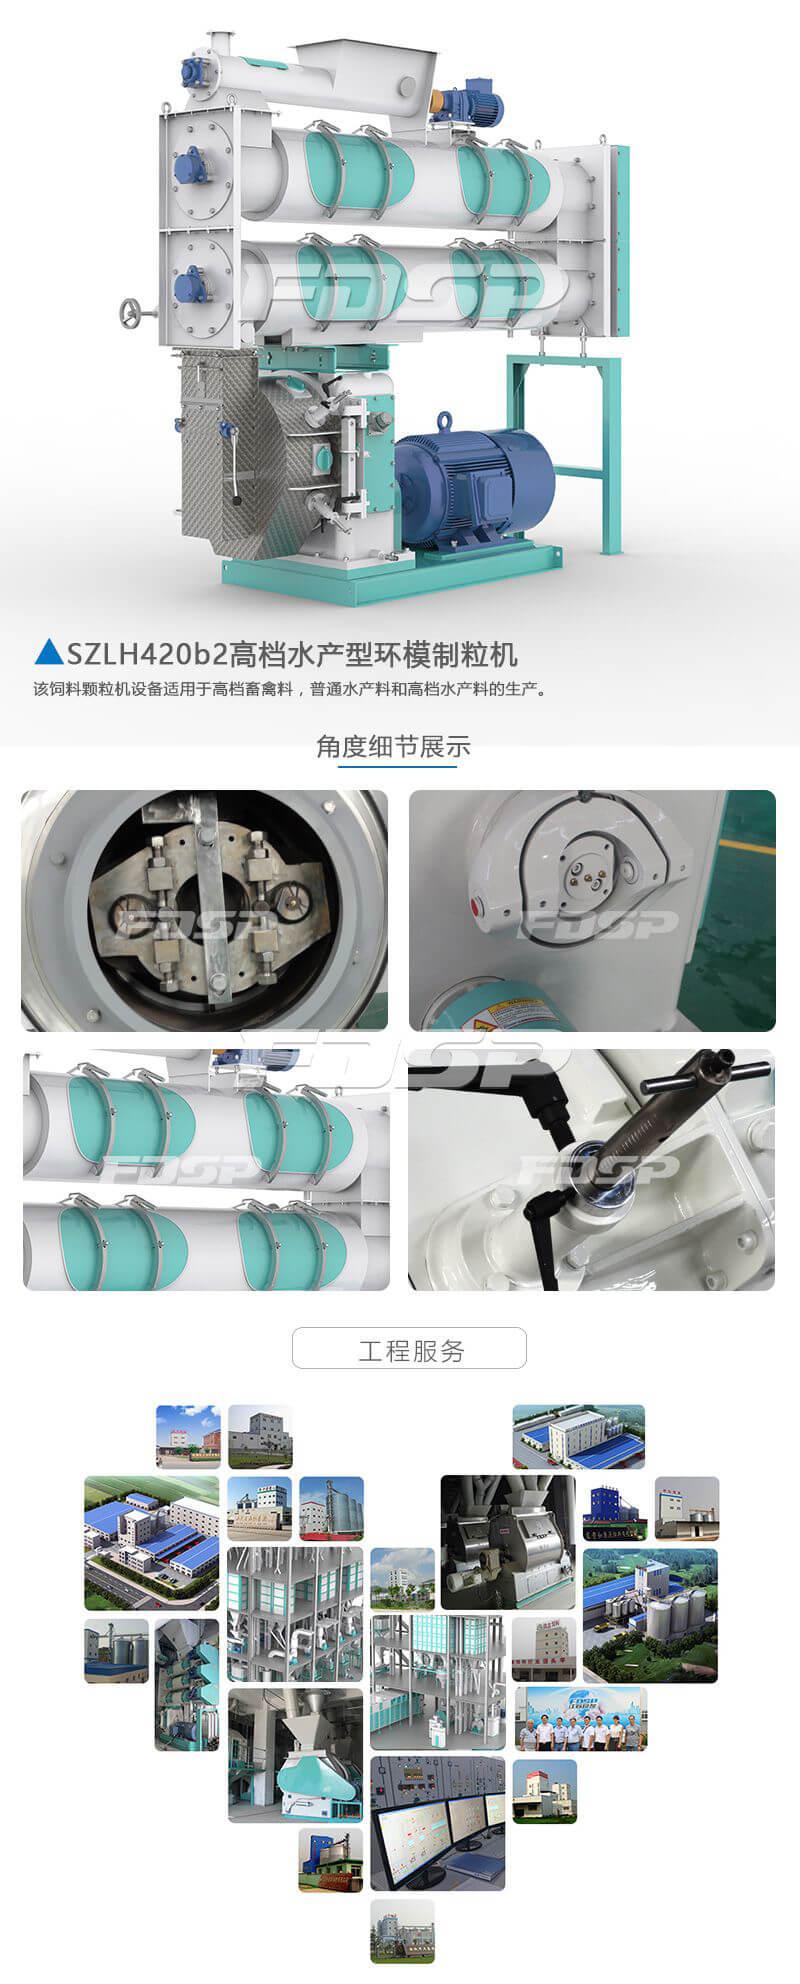 饲料加工设备SZLH420b2系列水产养殖饲料制粒机